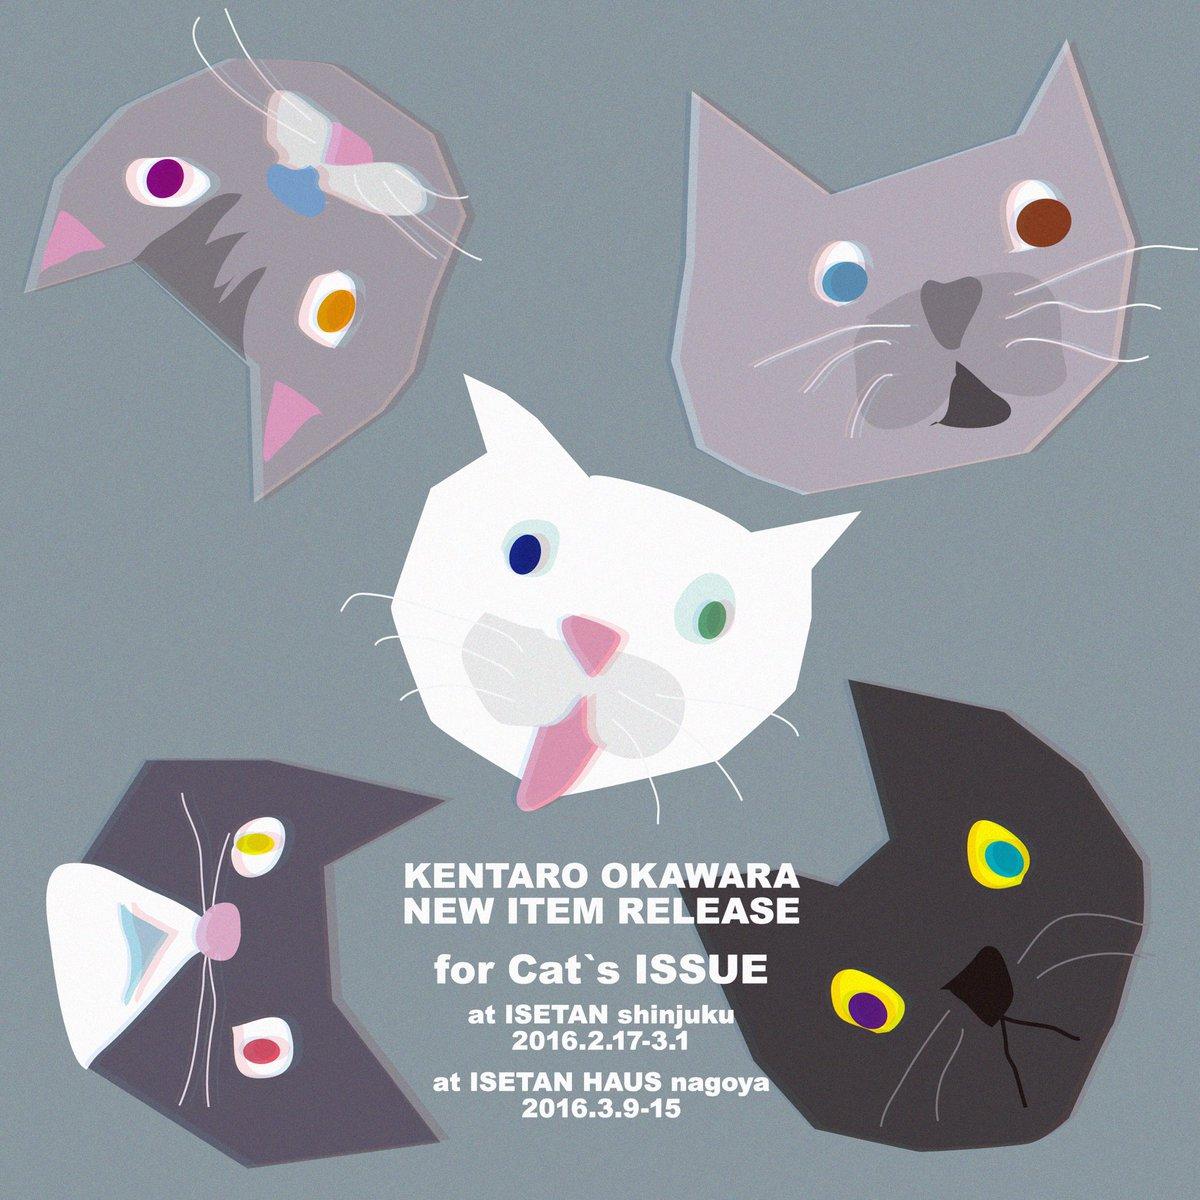 目の色が違う猫を描きました。缶バッチと小さい巾着です。新宿ISETAN、名古屋ISETAN HAUSで買えます。https://t.co/L8ffXcWHt2 #oddeyedcat #catsissue https://t.co/LaAI9QDVvN